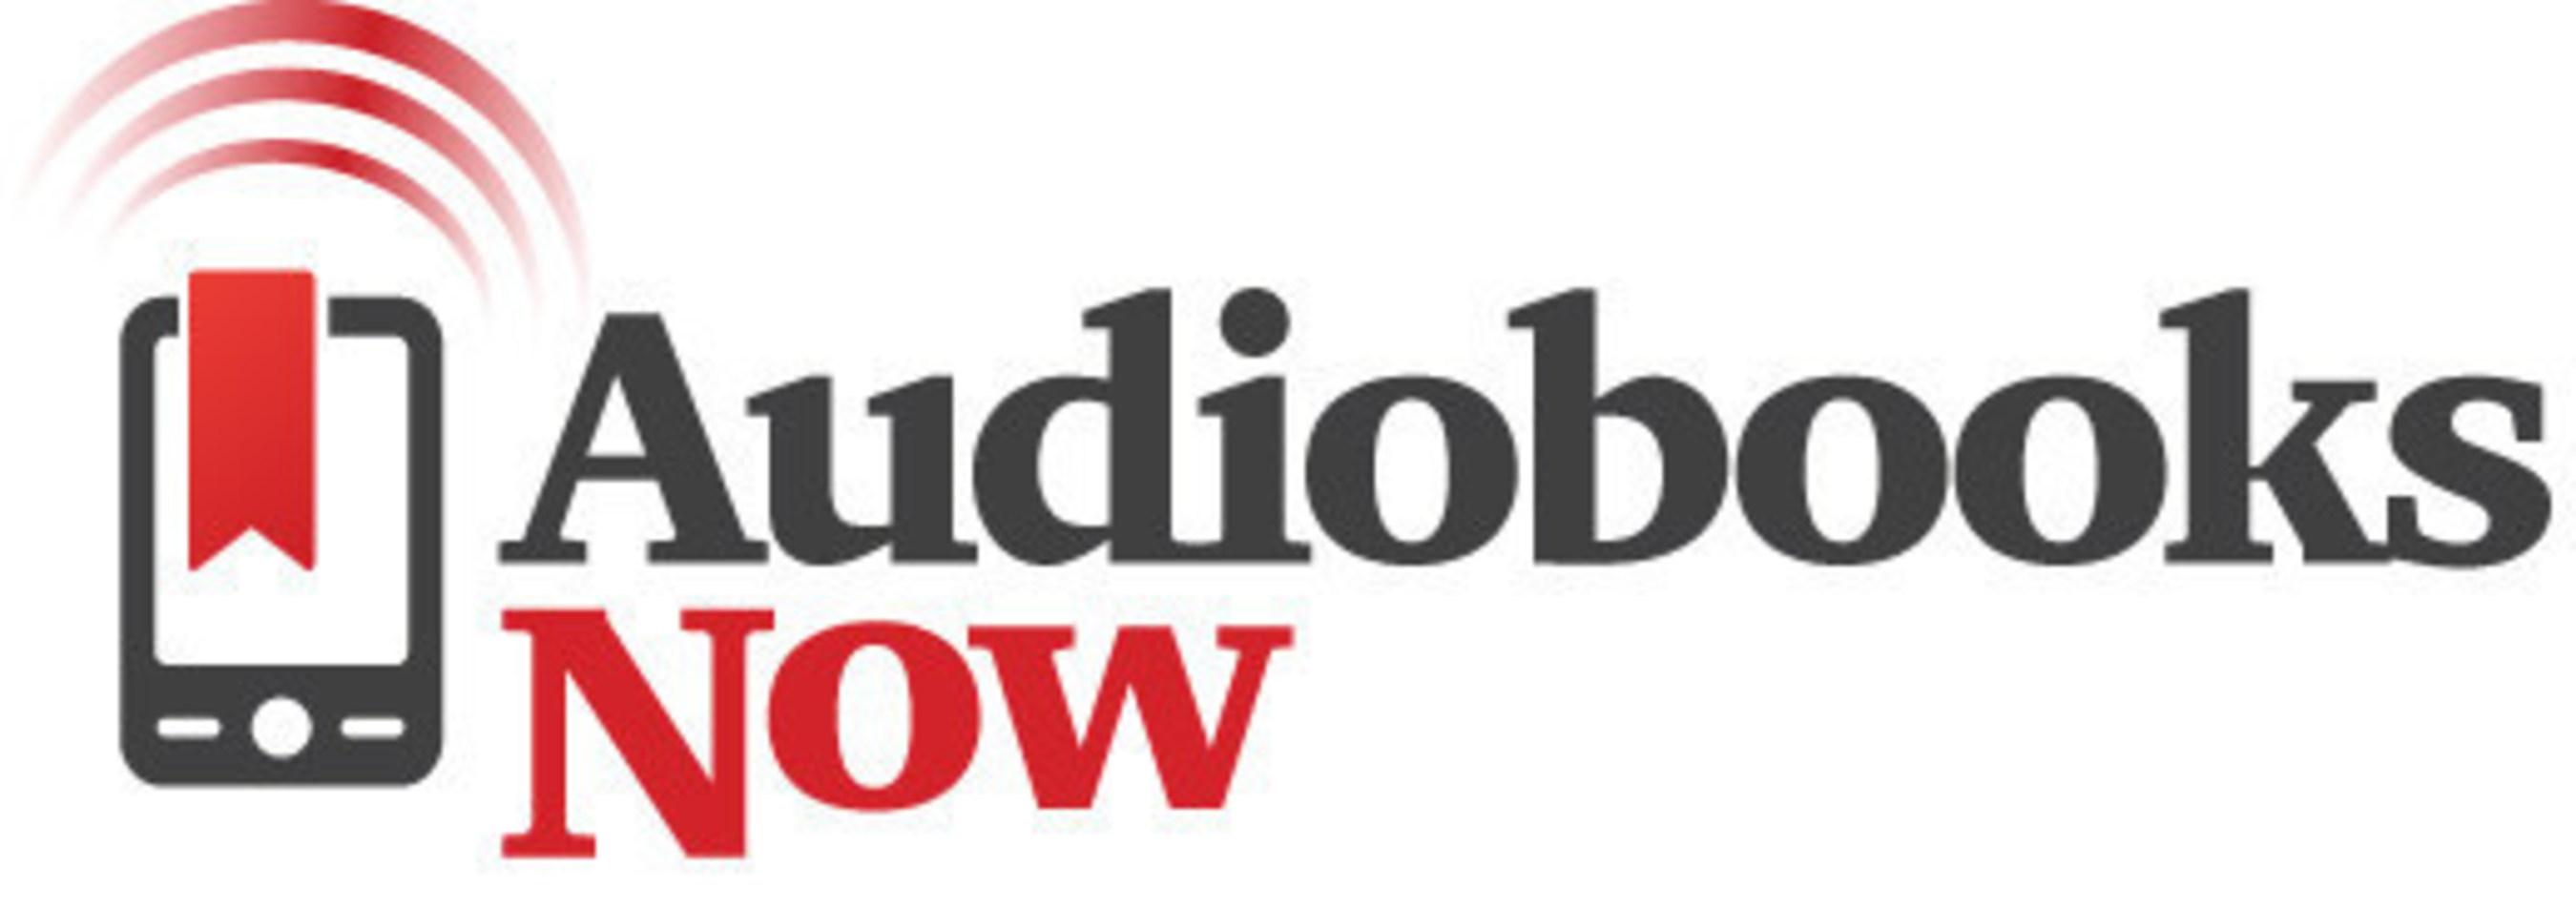 AudiobooksNow logo (PRNewsFoto/AudiobooksNow)